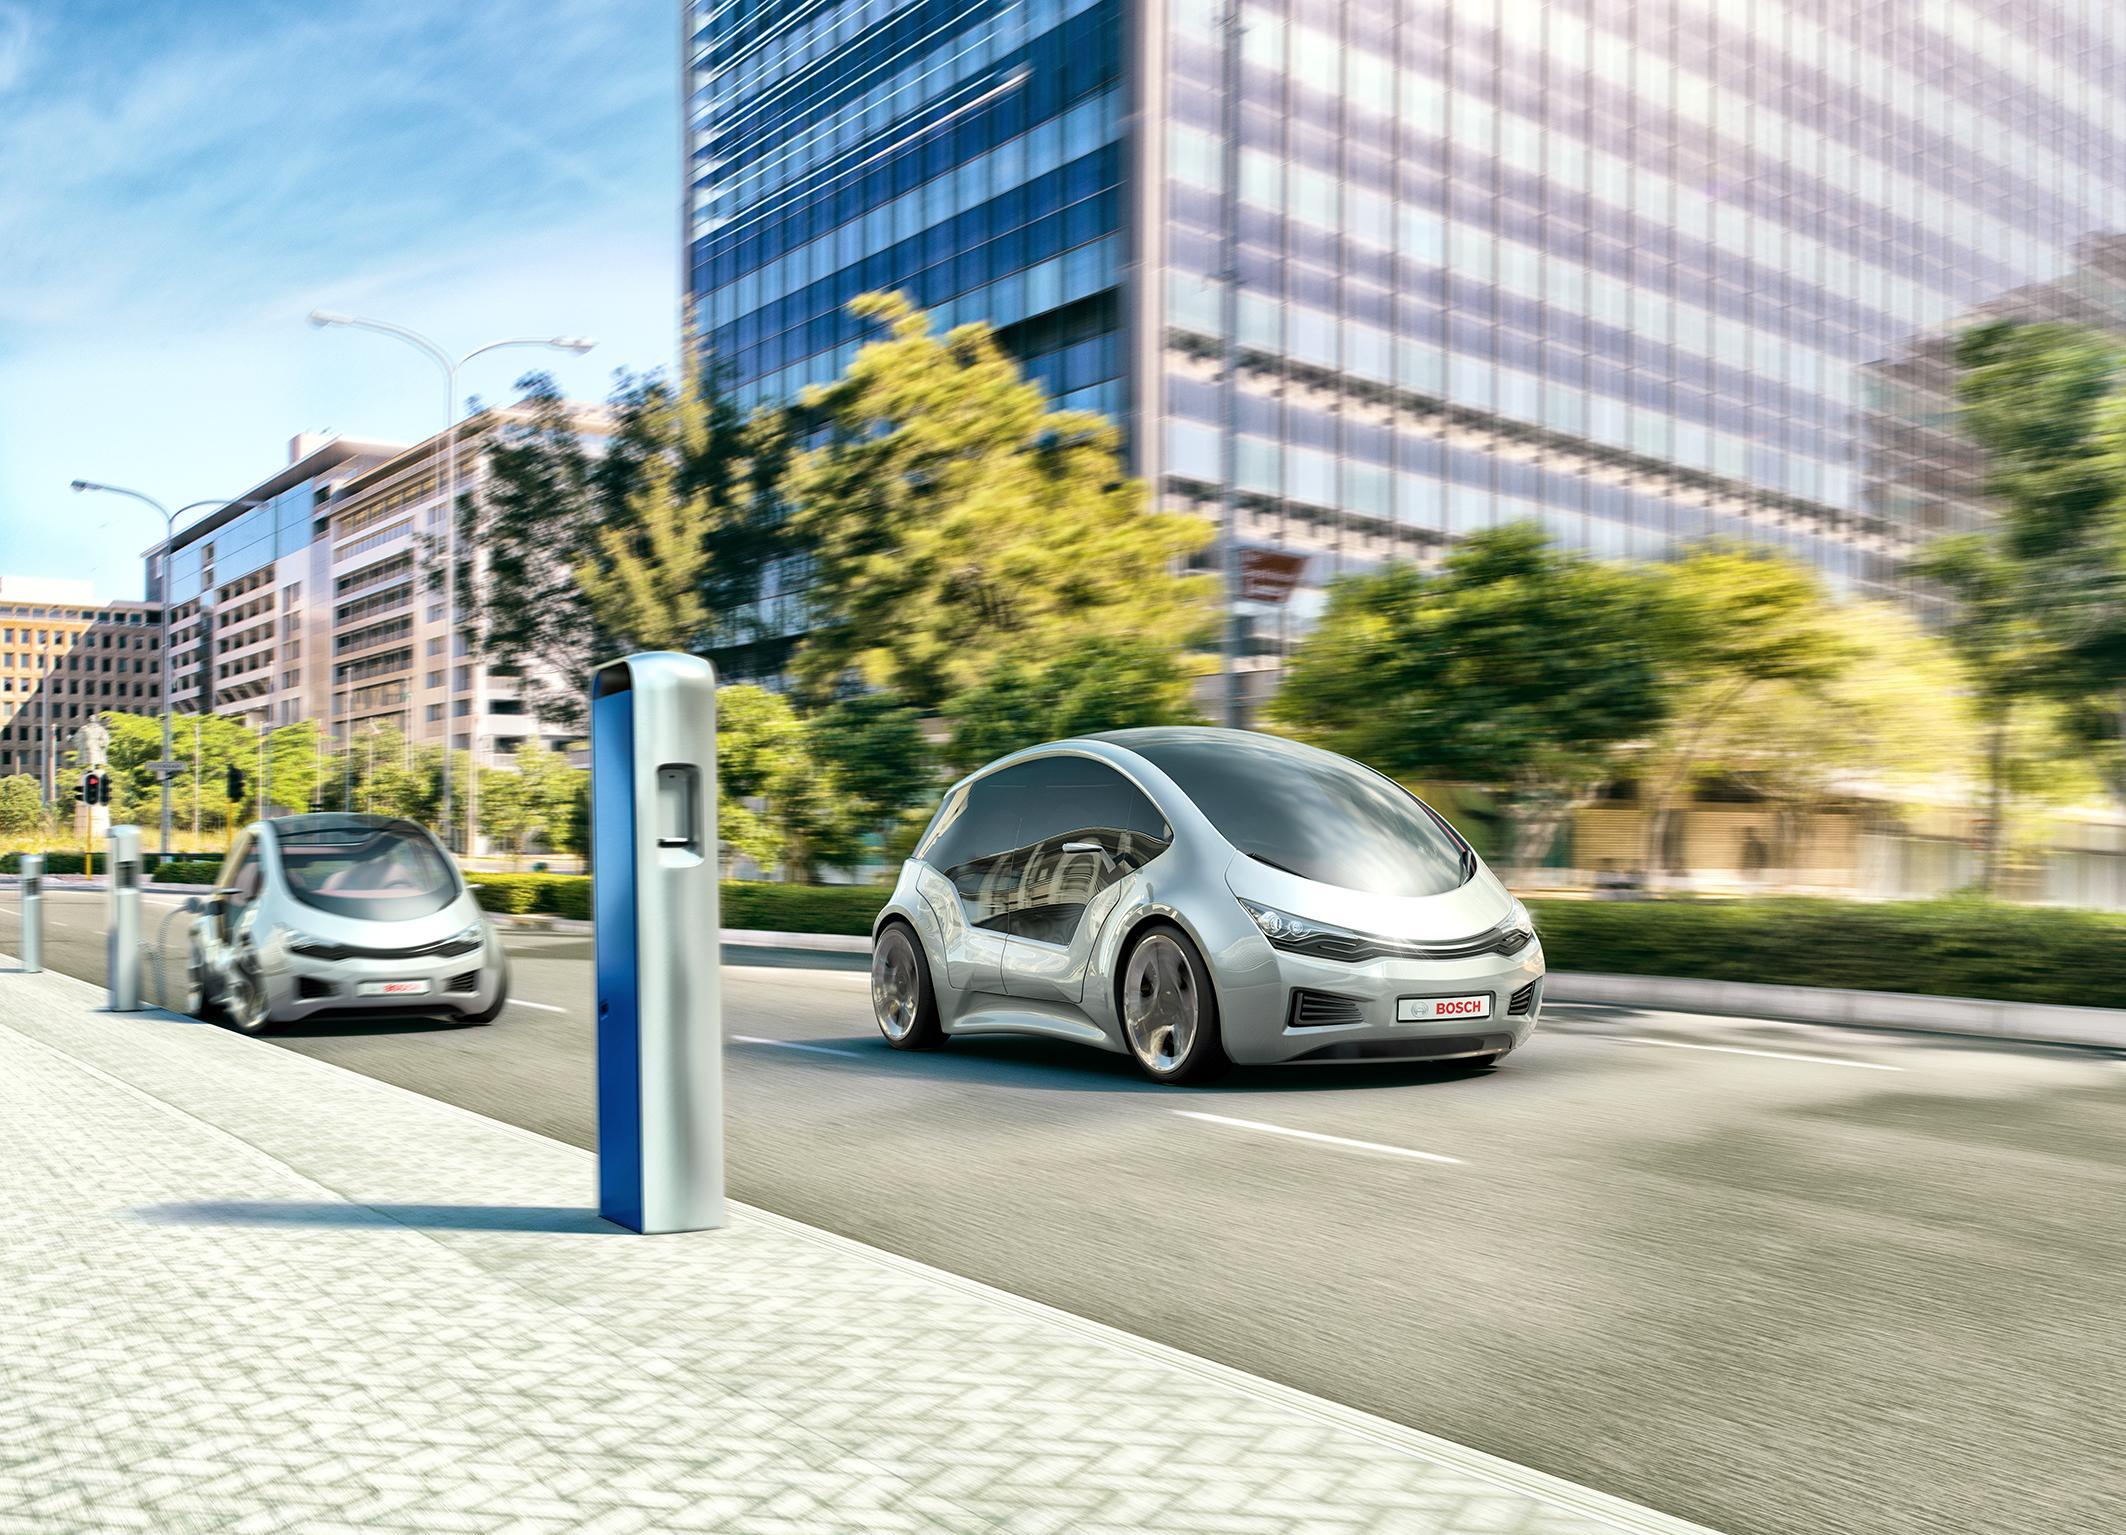 Bosch si impegna a dar forma alla mobilità del futuro offrendo soluzioni attente all'ambiente